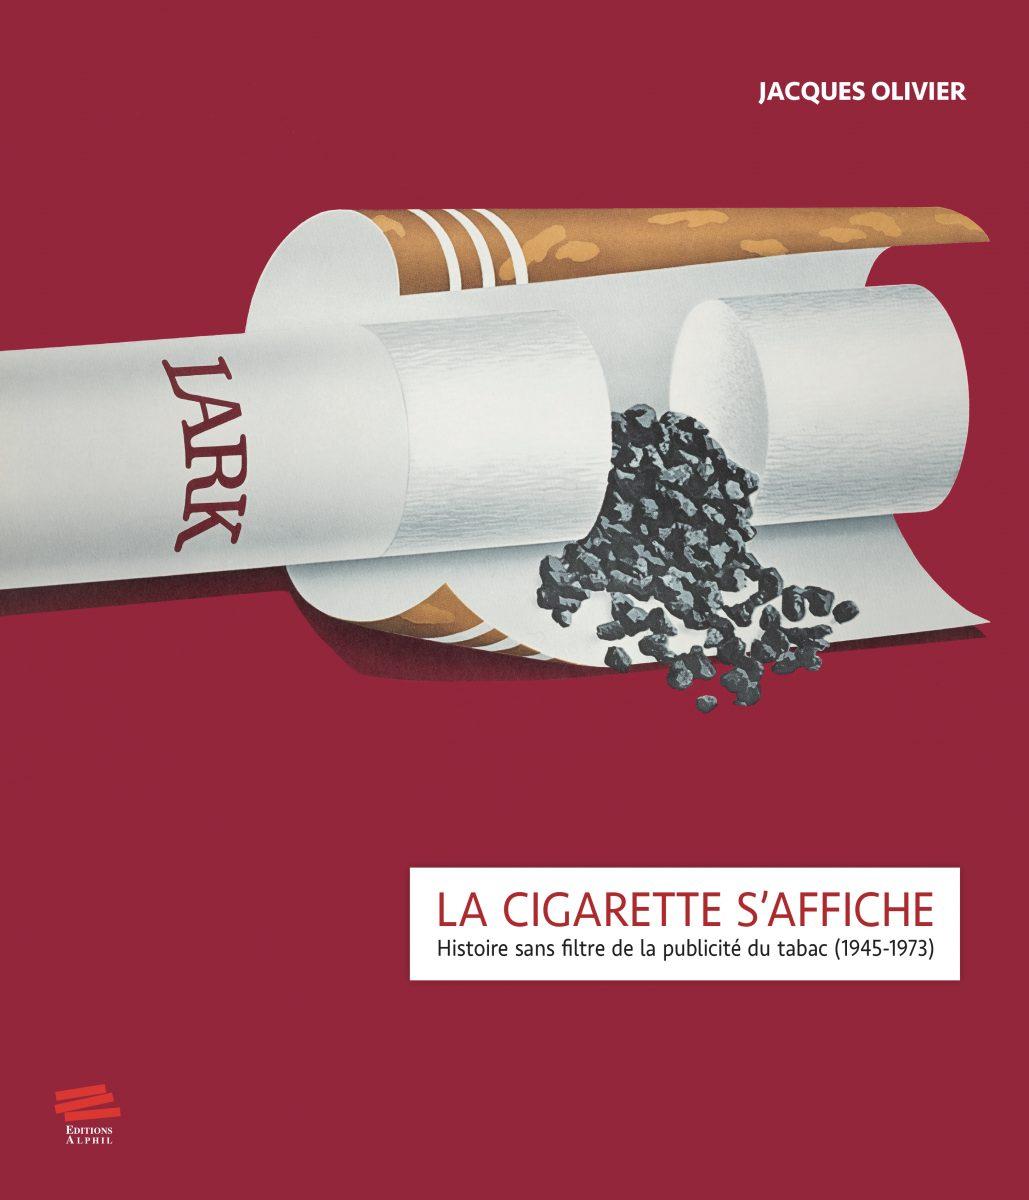 La cigarette s'affiche. Histoire sans filtre de la publicité du tabac (1945-1973)